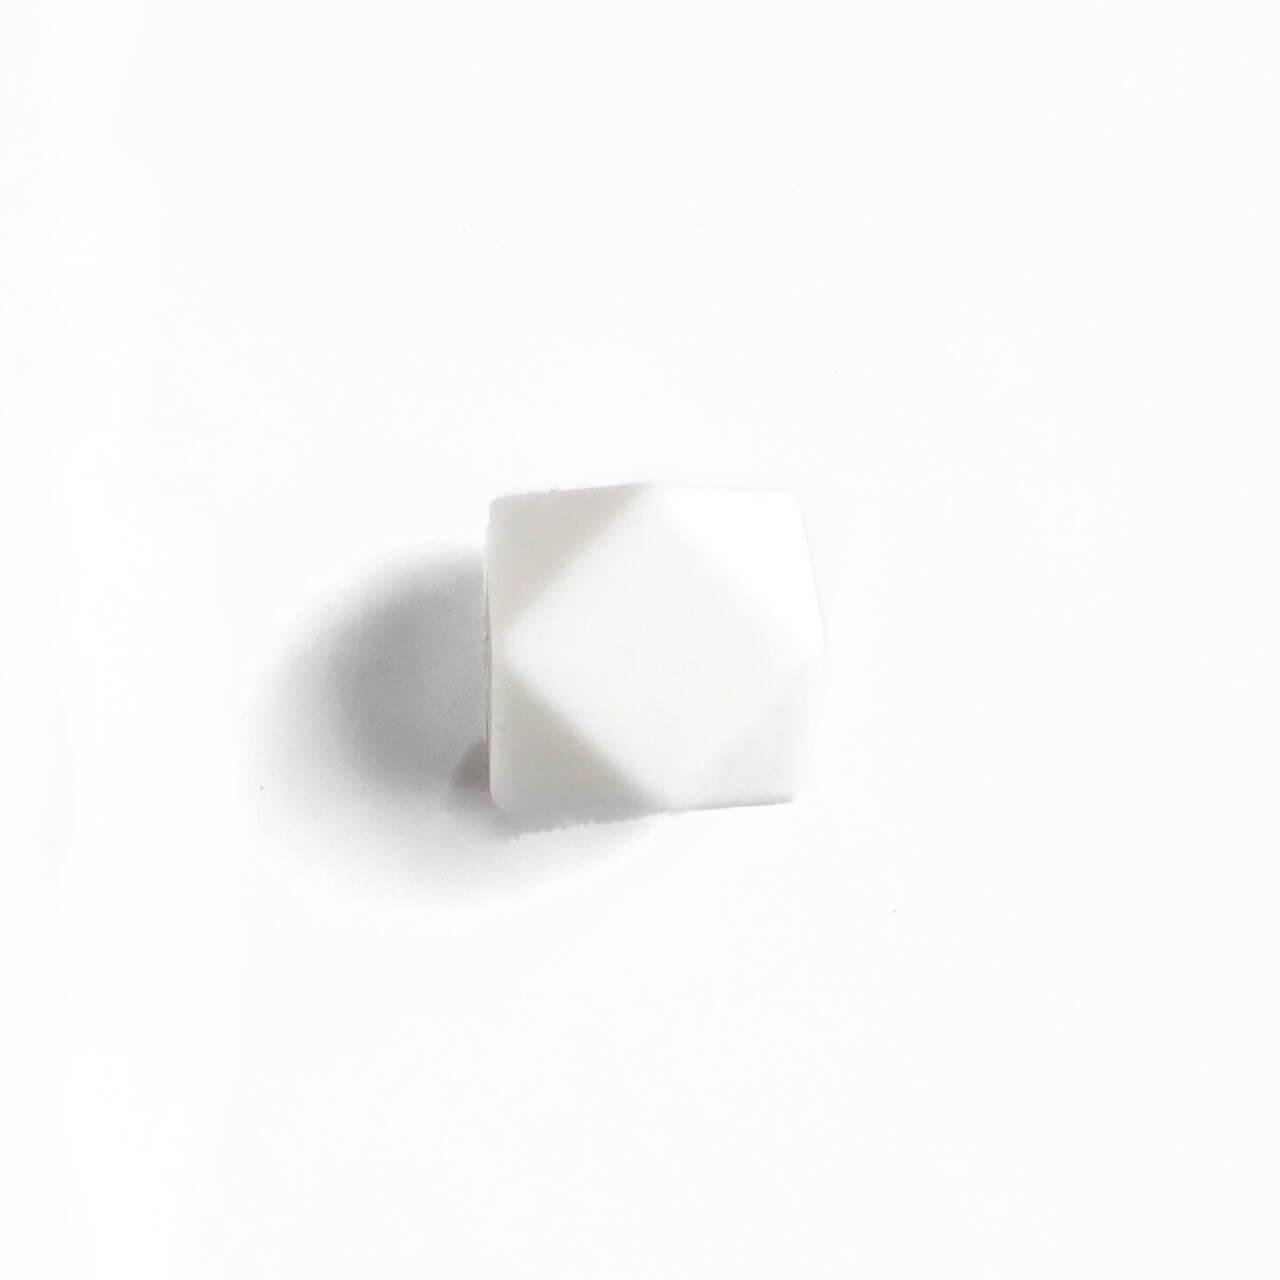 МИНИ гексагон (белый) 14мм, силиконовая бусина